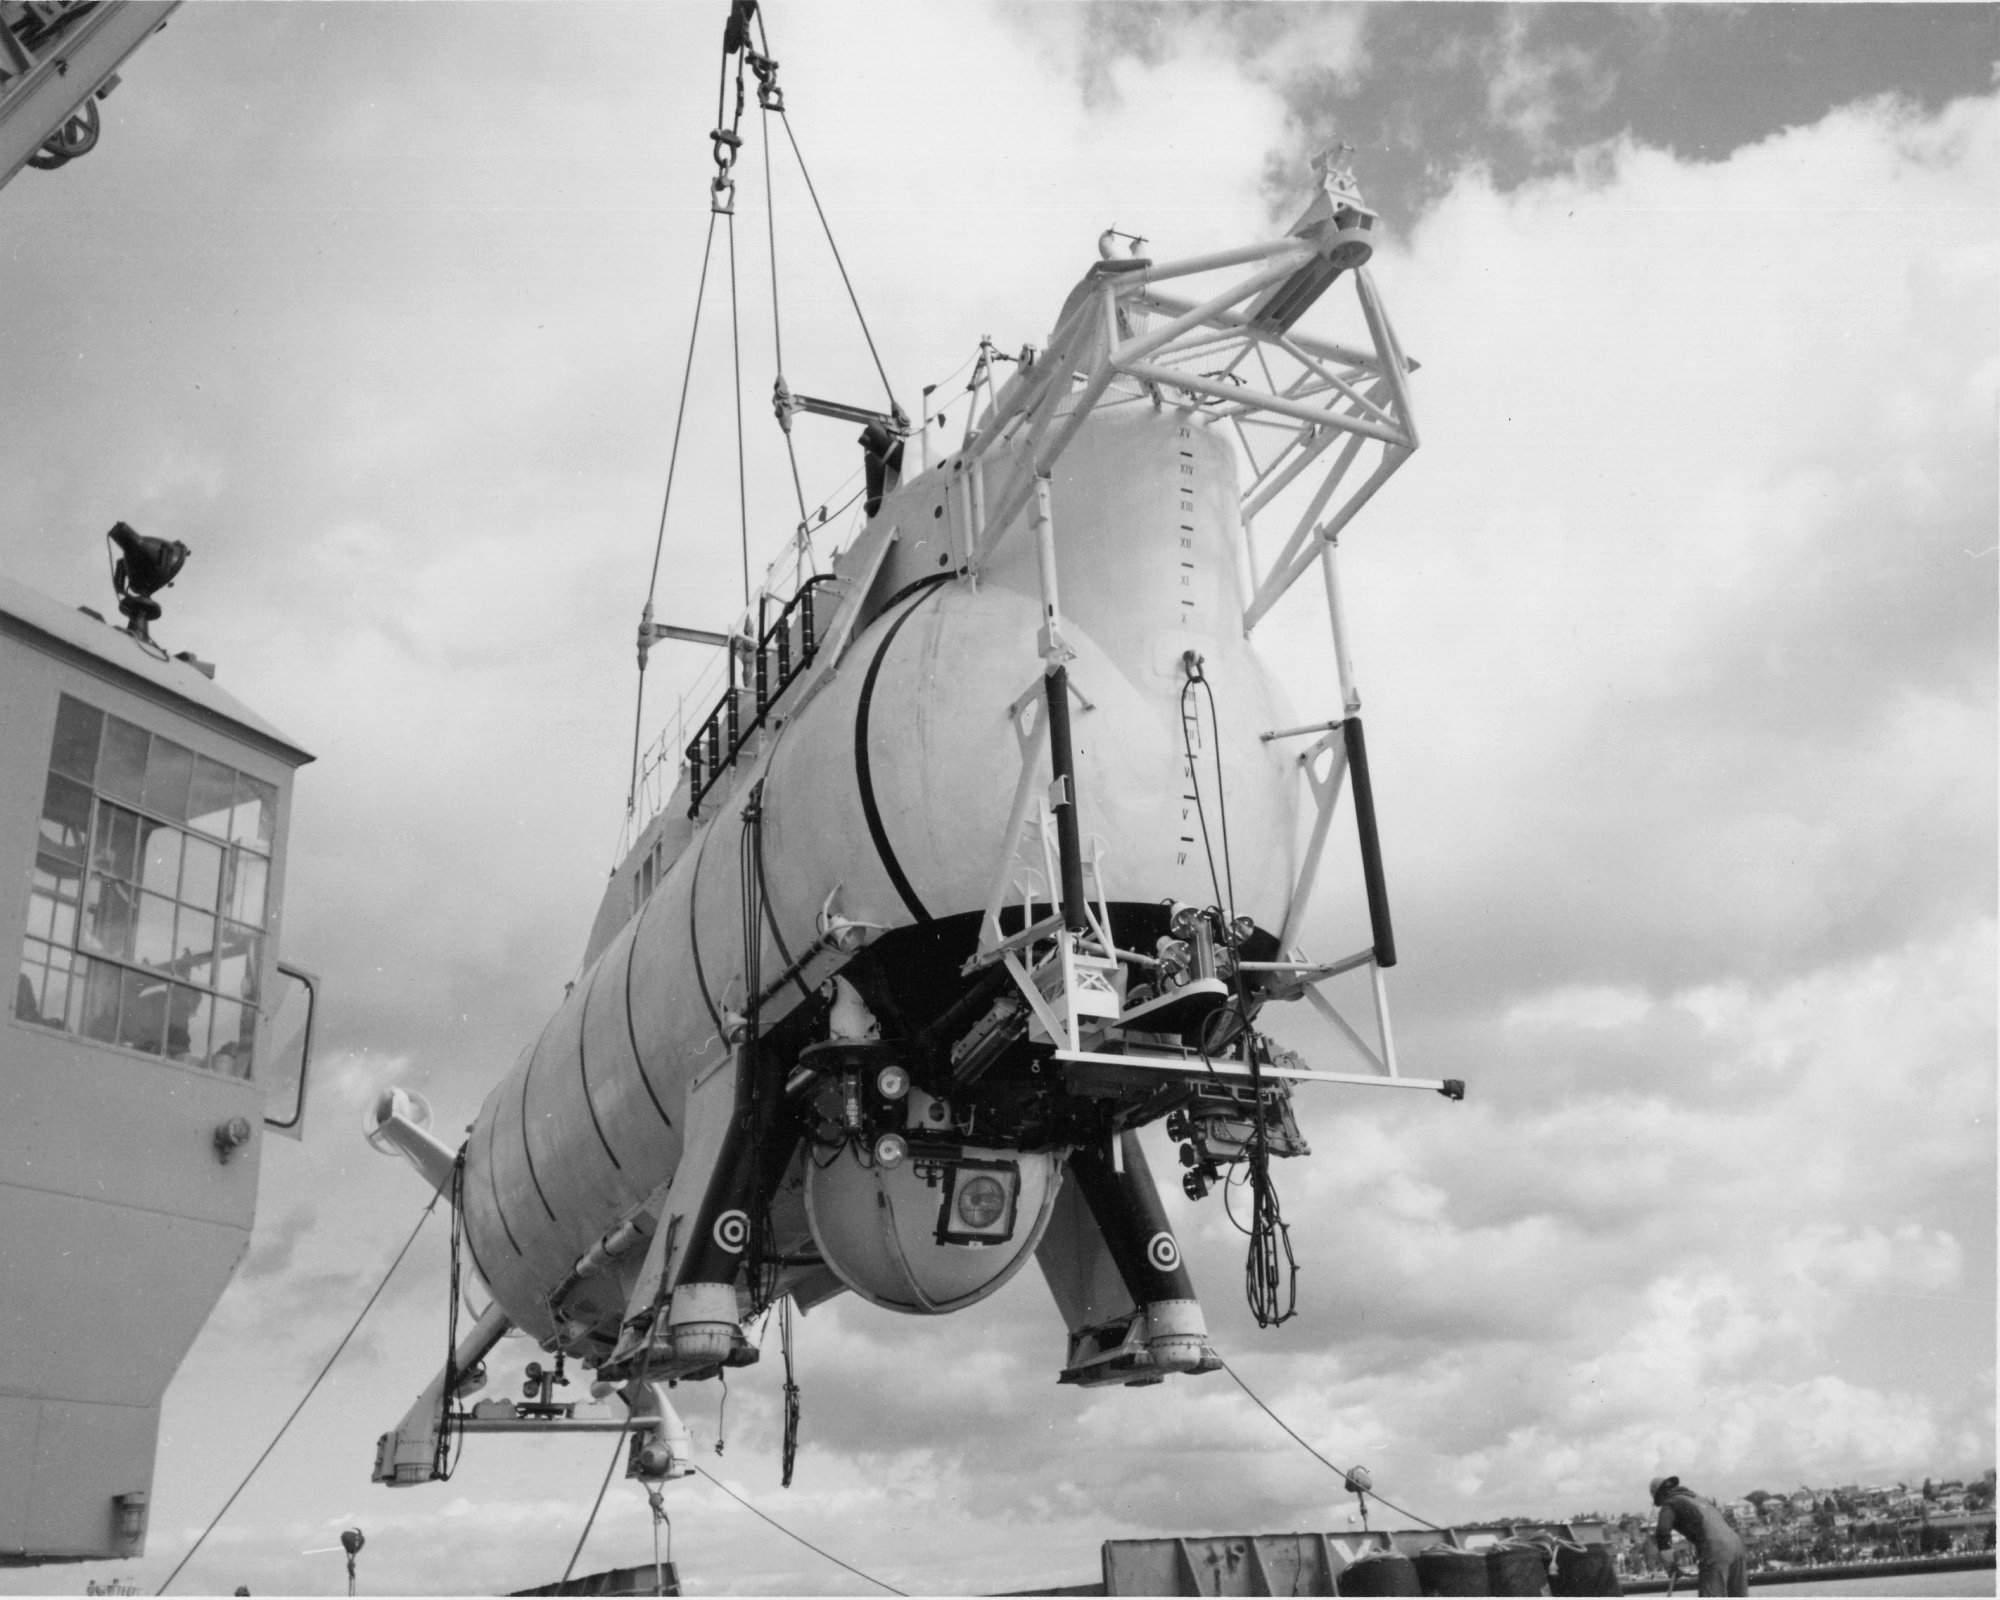 barellieri trieste submarine - photo#45